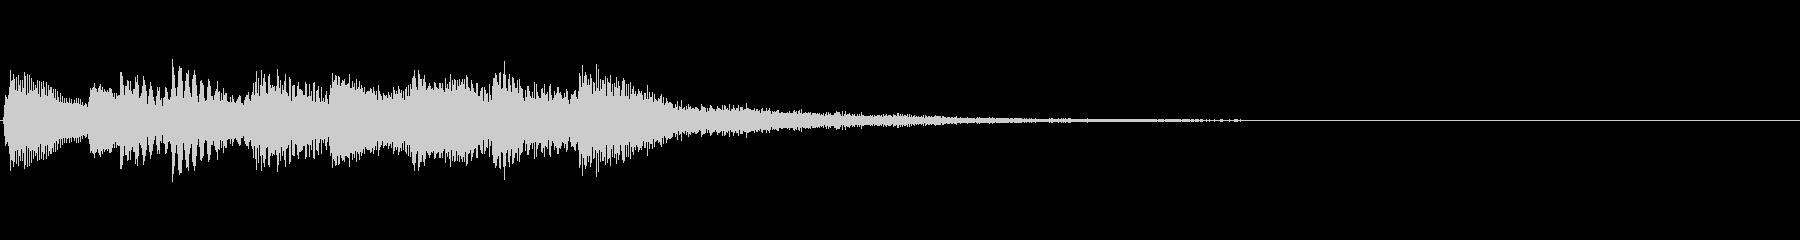 【ロゴ、ジングル】ピアノ02の未再生の波形